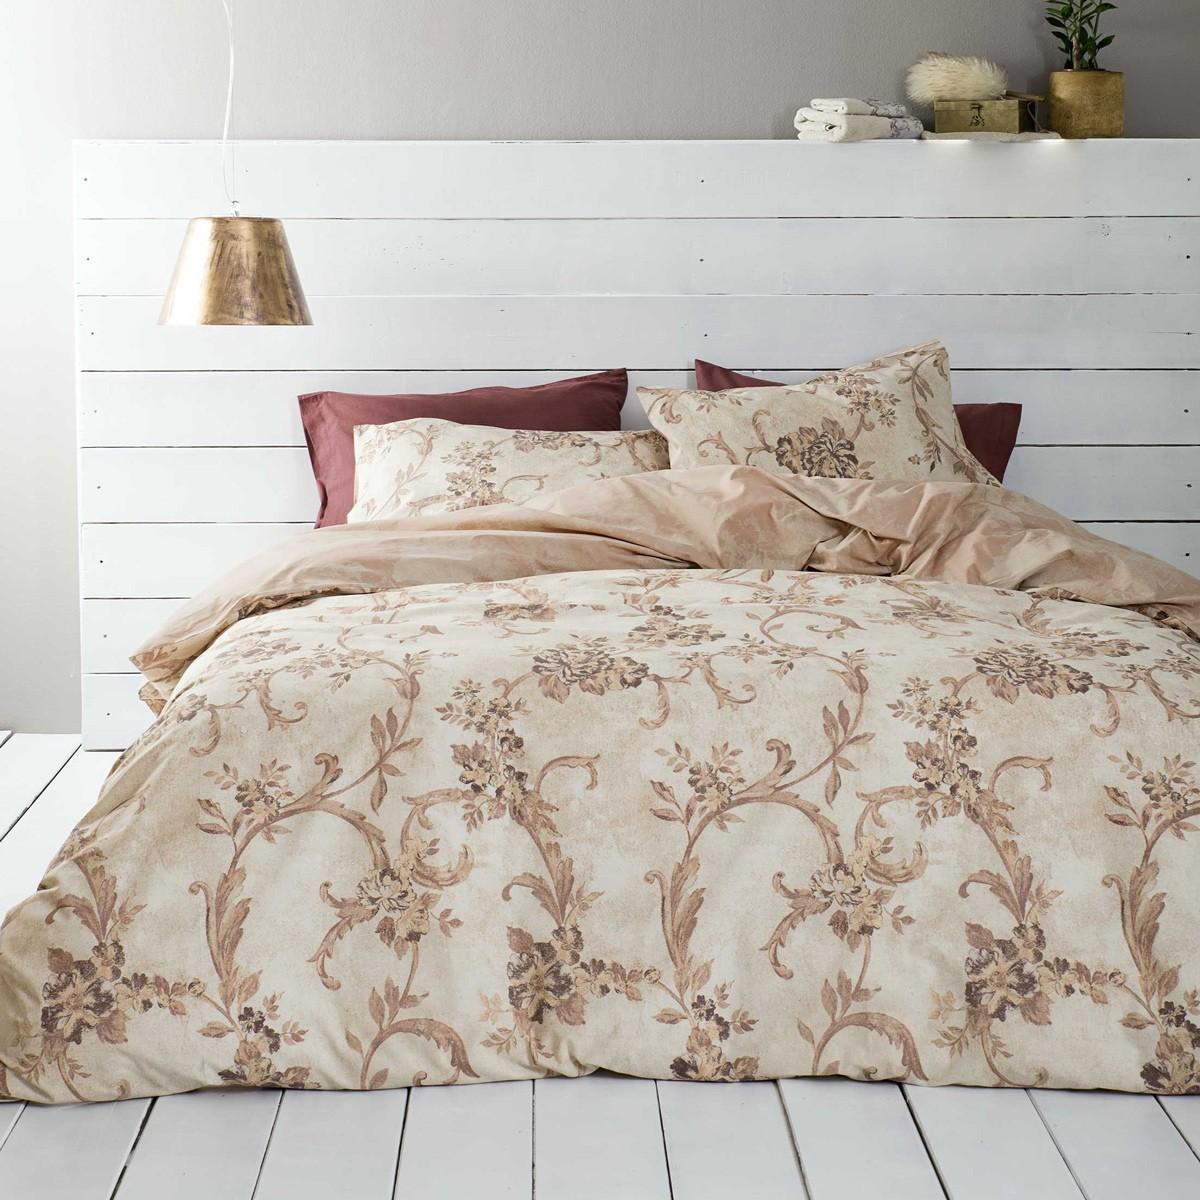 Σεντόνια Υπέρδιπλα (Σετ) Nima Bed Linen Segovia Beige